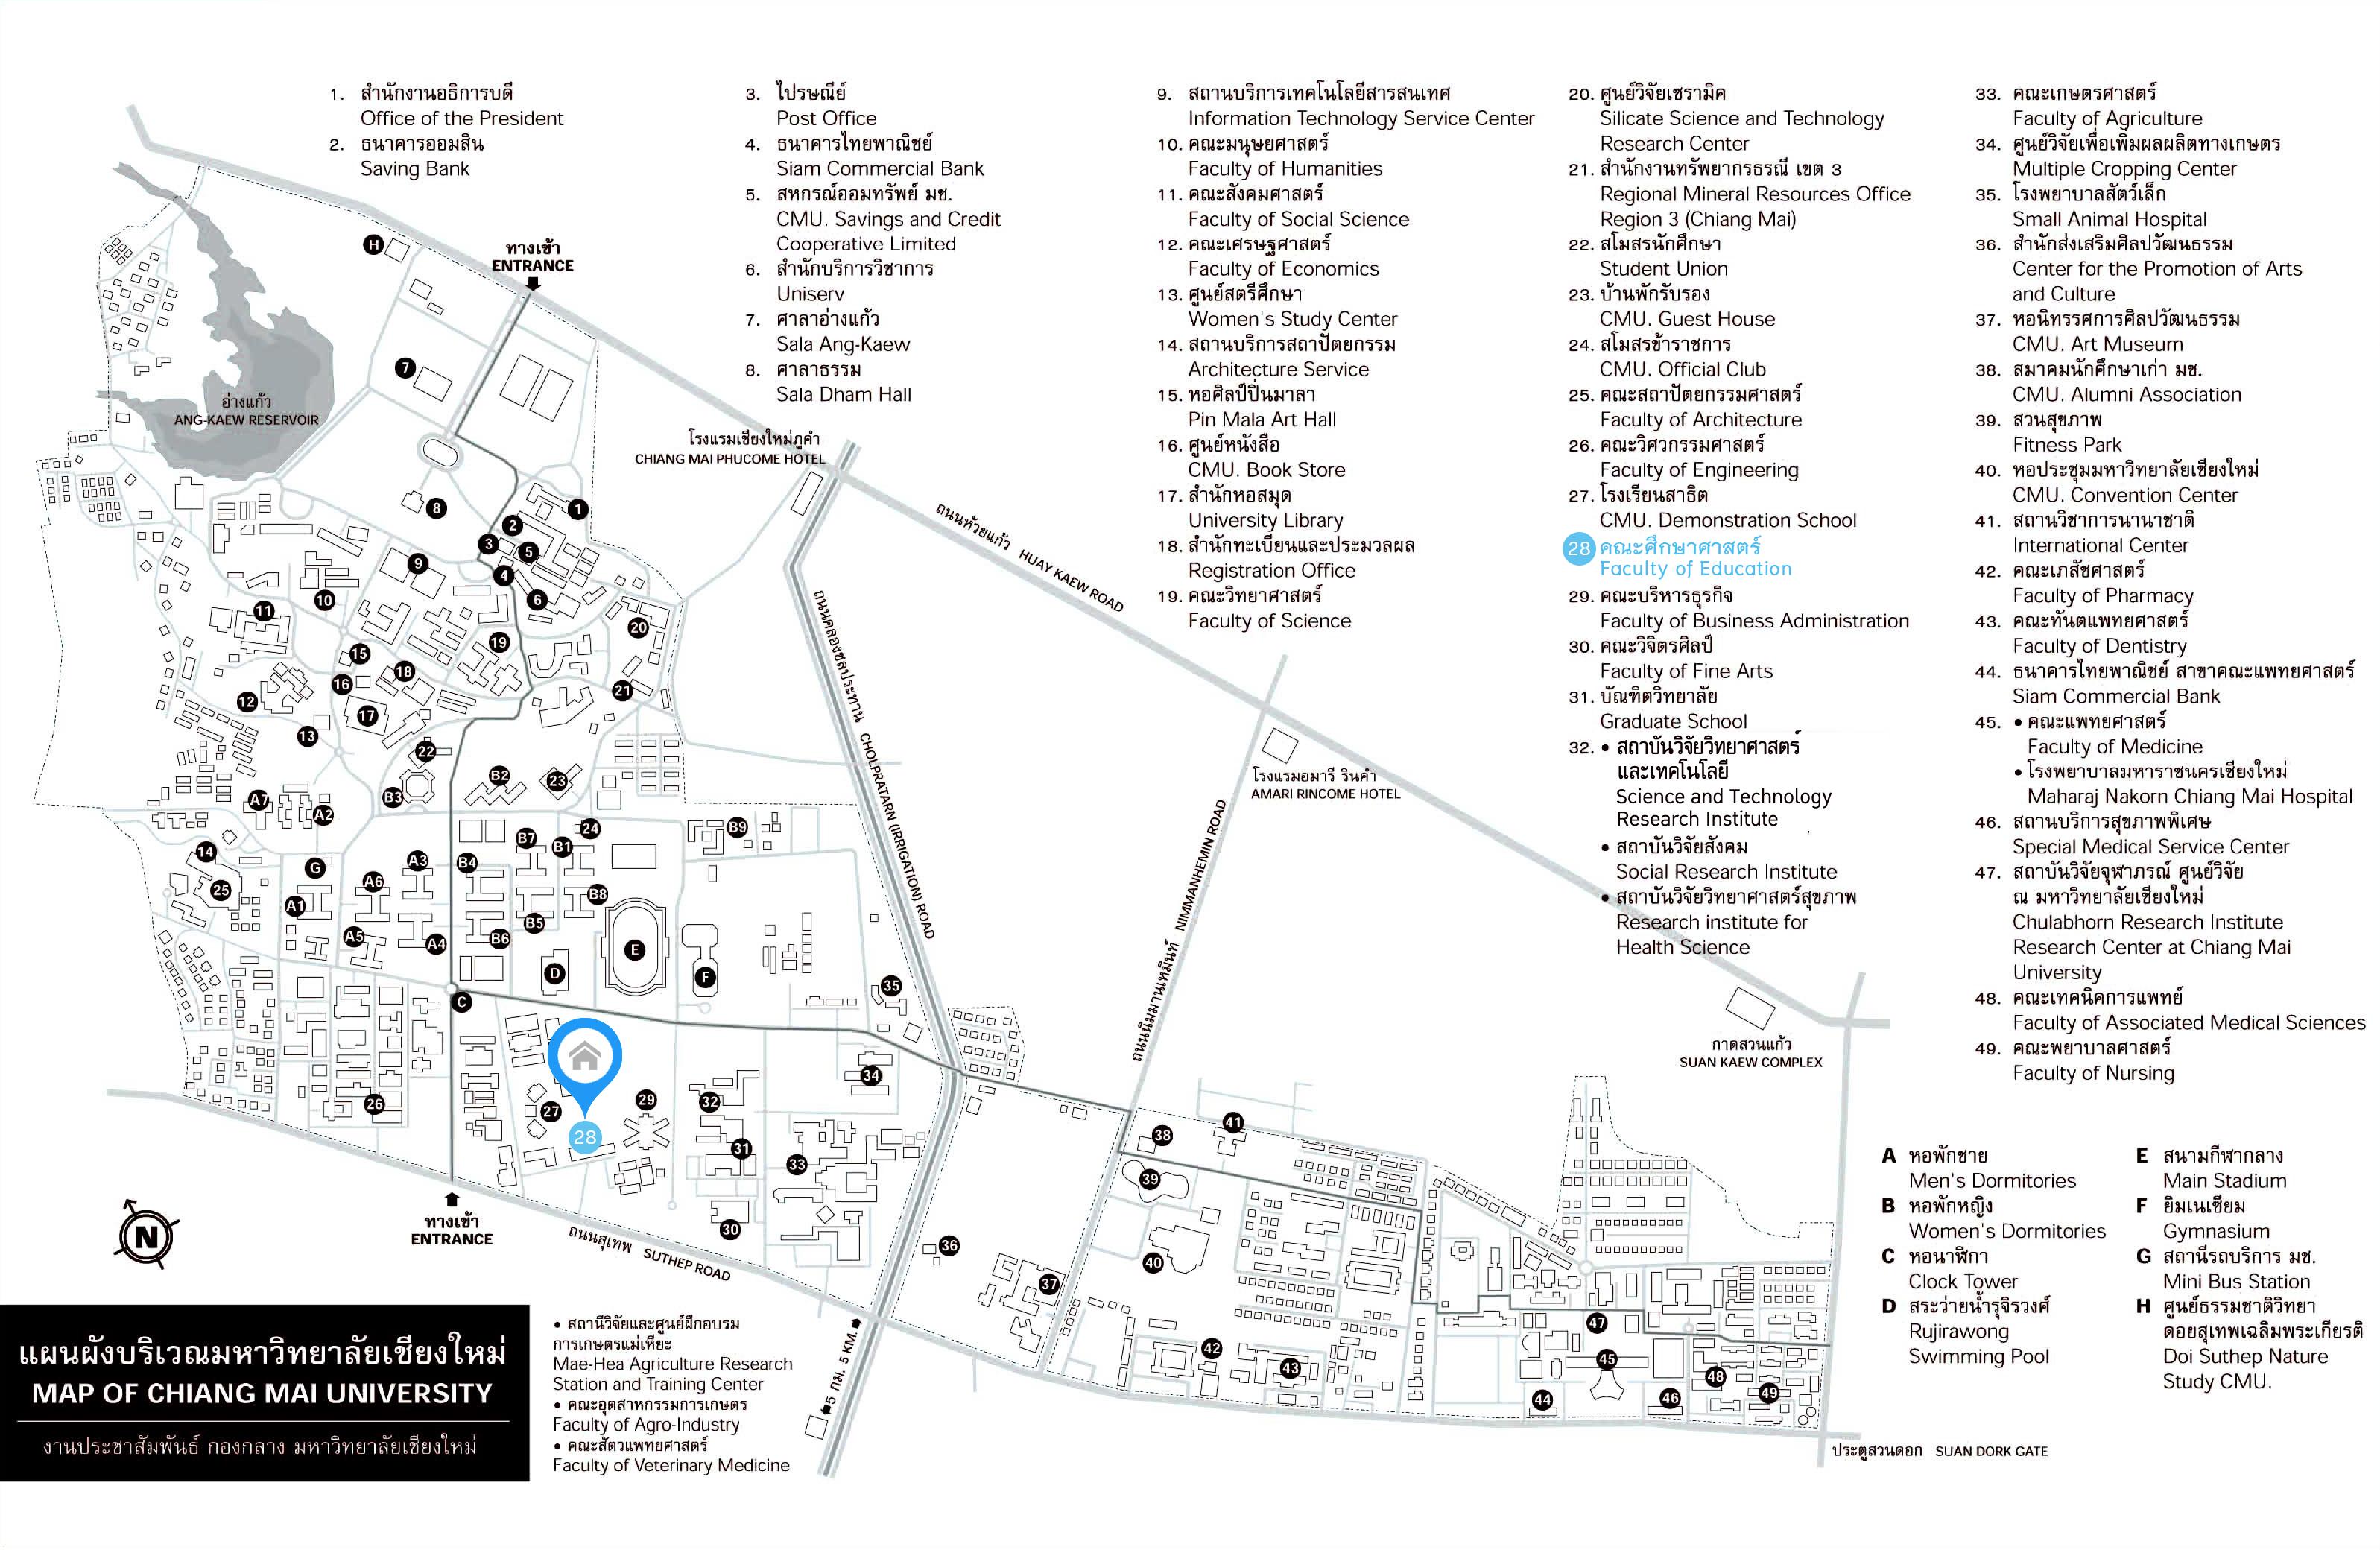 edu-cmu-map.png